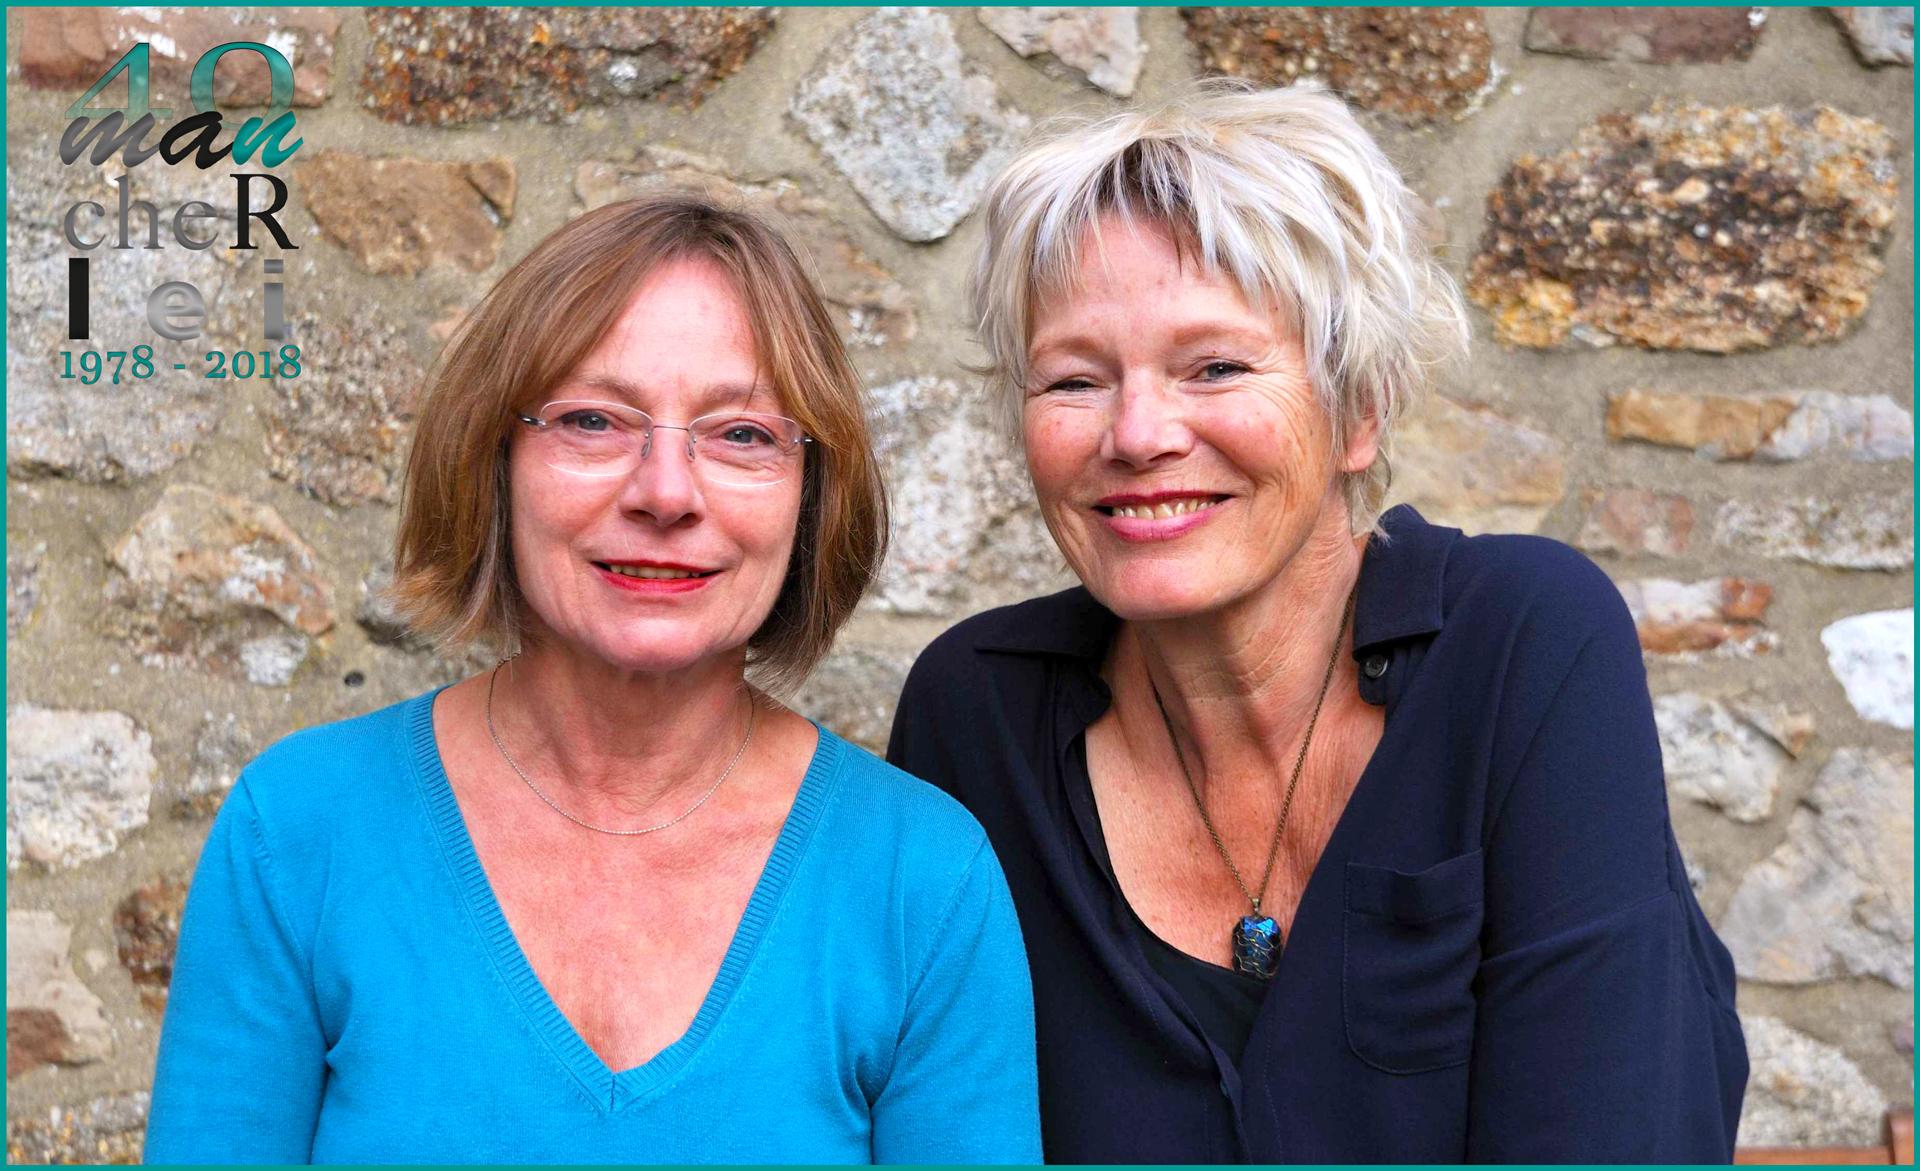 Marianne Bramme-Groetklaes (li) und Didi Eylert (re)